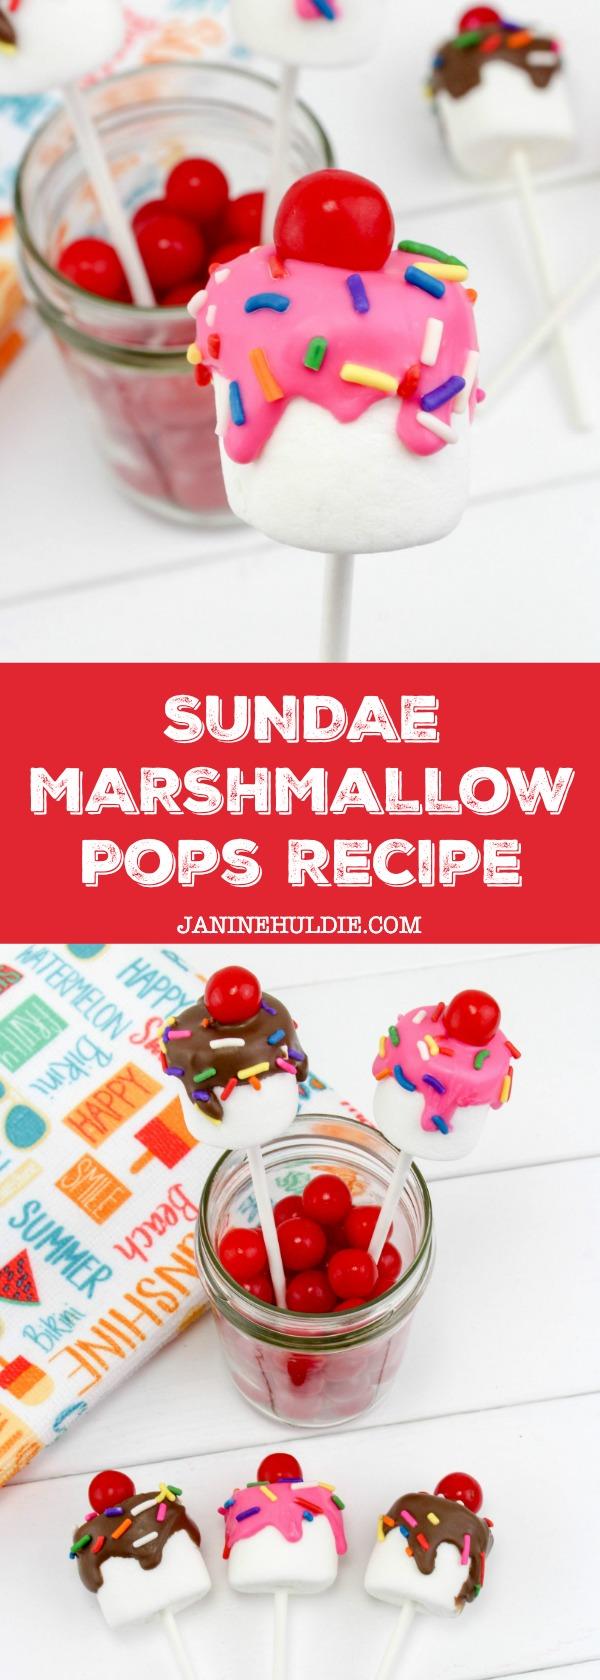 Sundae Marshmallow Pops Recipe